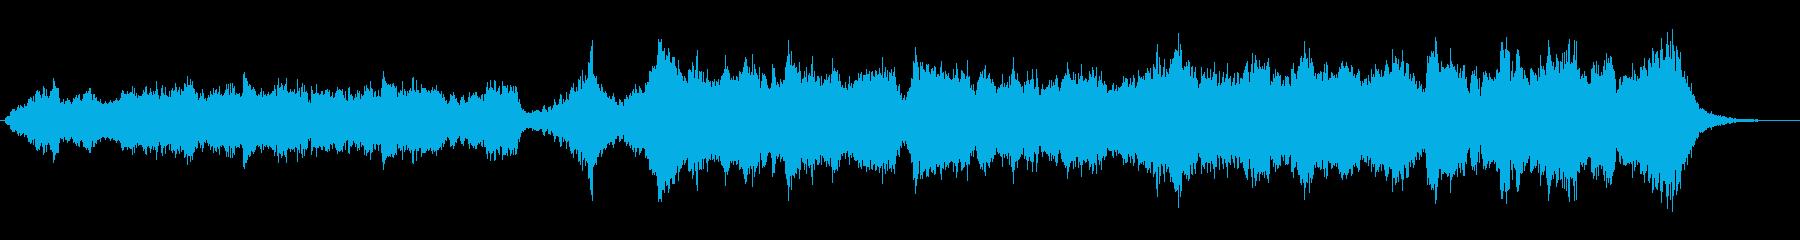 ドキュメンタリー番組風の温かみのある楽曲の再生済みの波形